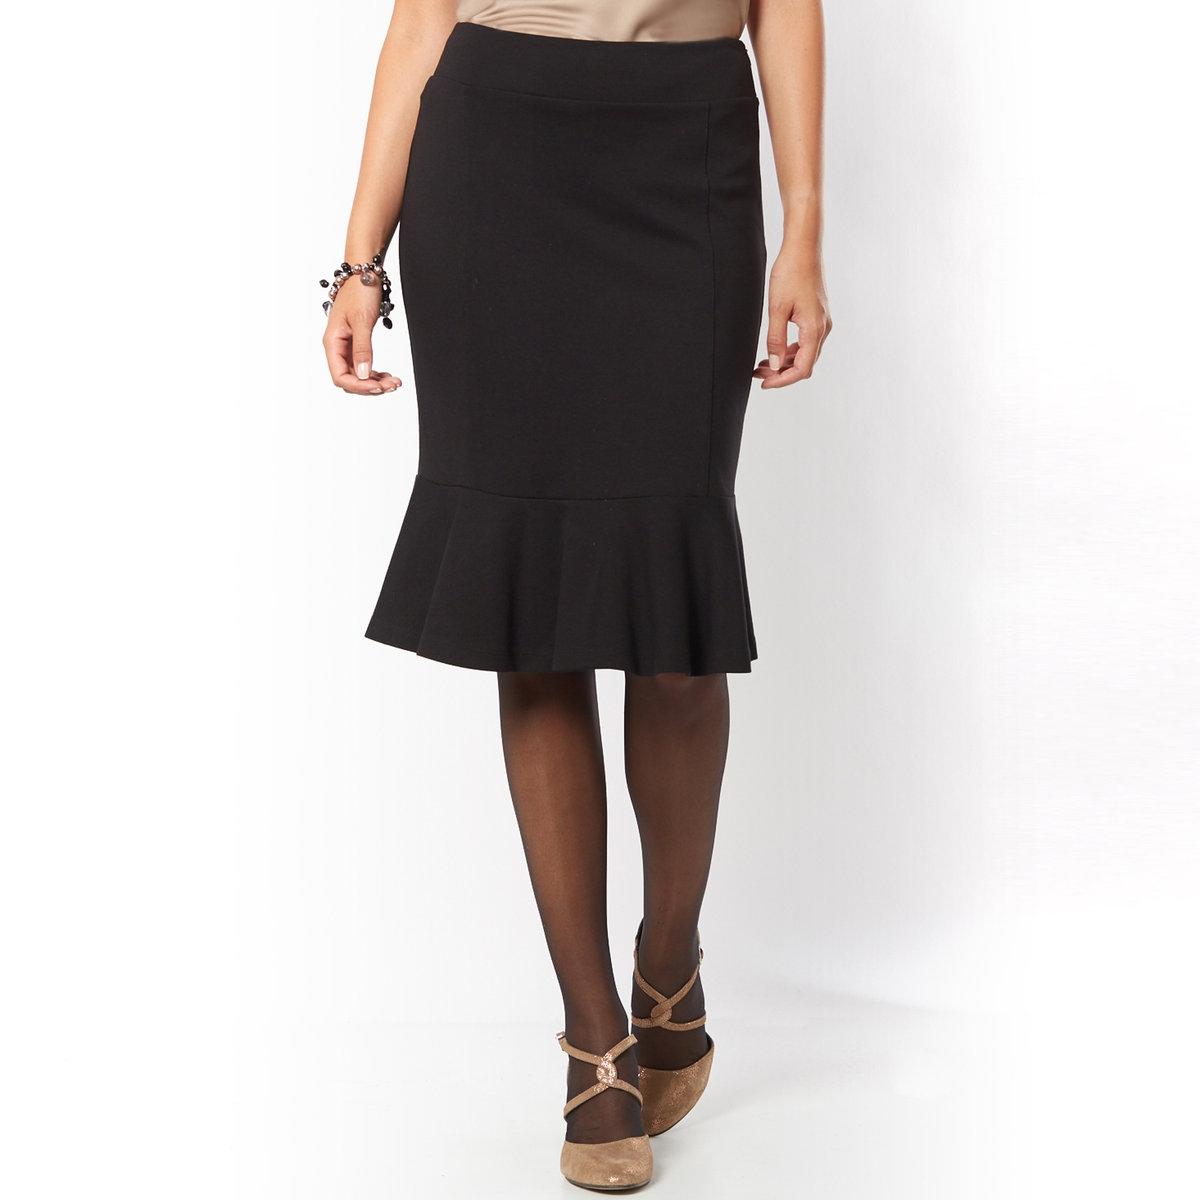 Юбка из плотного трикотажаЮбка из плотного трикотажа. Женственная юбка с воланами снизу. Пояс с молнией сбоку. Длина ок. 60 см. Плотный трикотаж: 72% вискозы, 24% полиамида, 4% эластана.<br><br>Цвет: черный<br>Размер: 46 (FR) - 52 (RUS).48 (FR) - 54 (RUS)